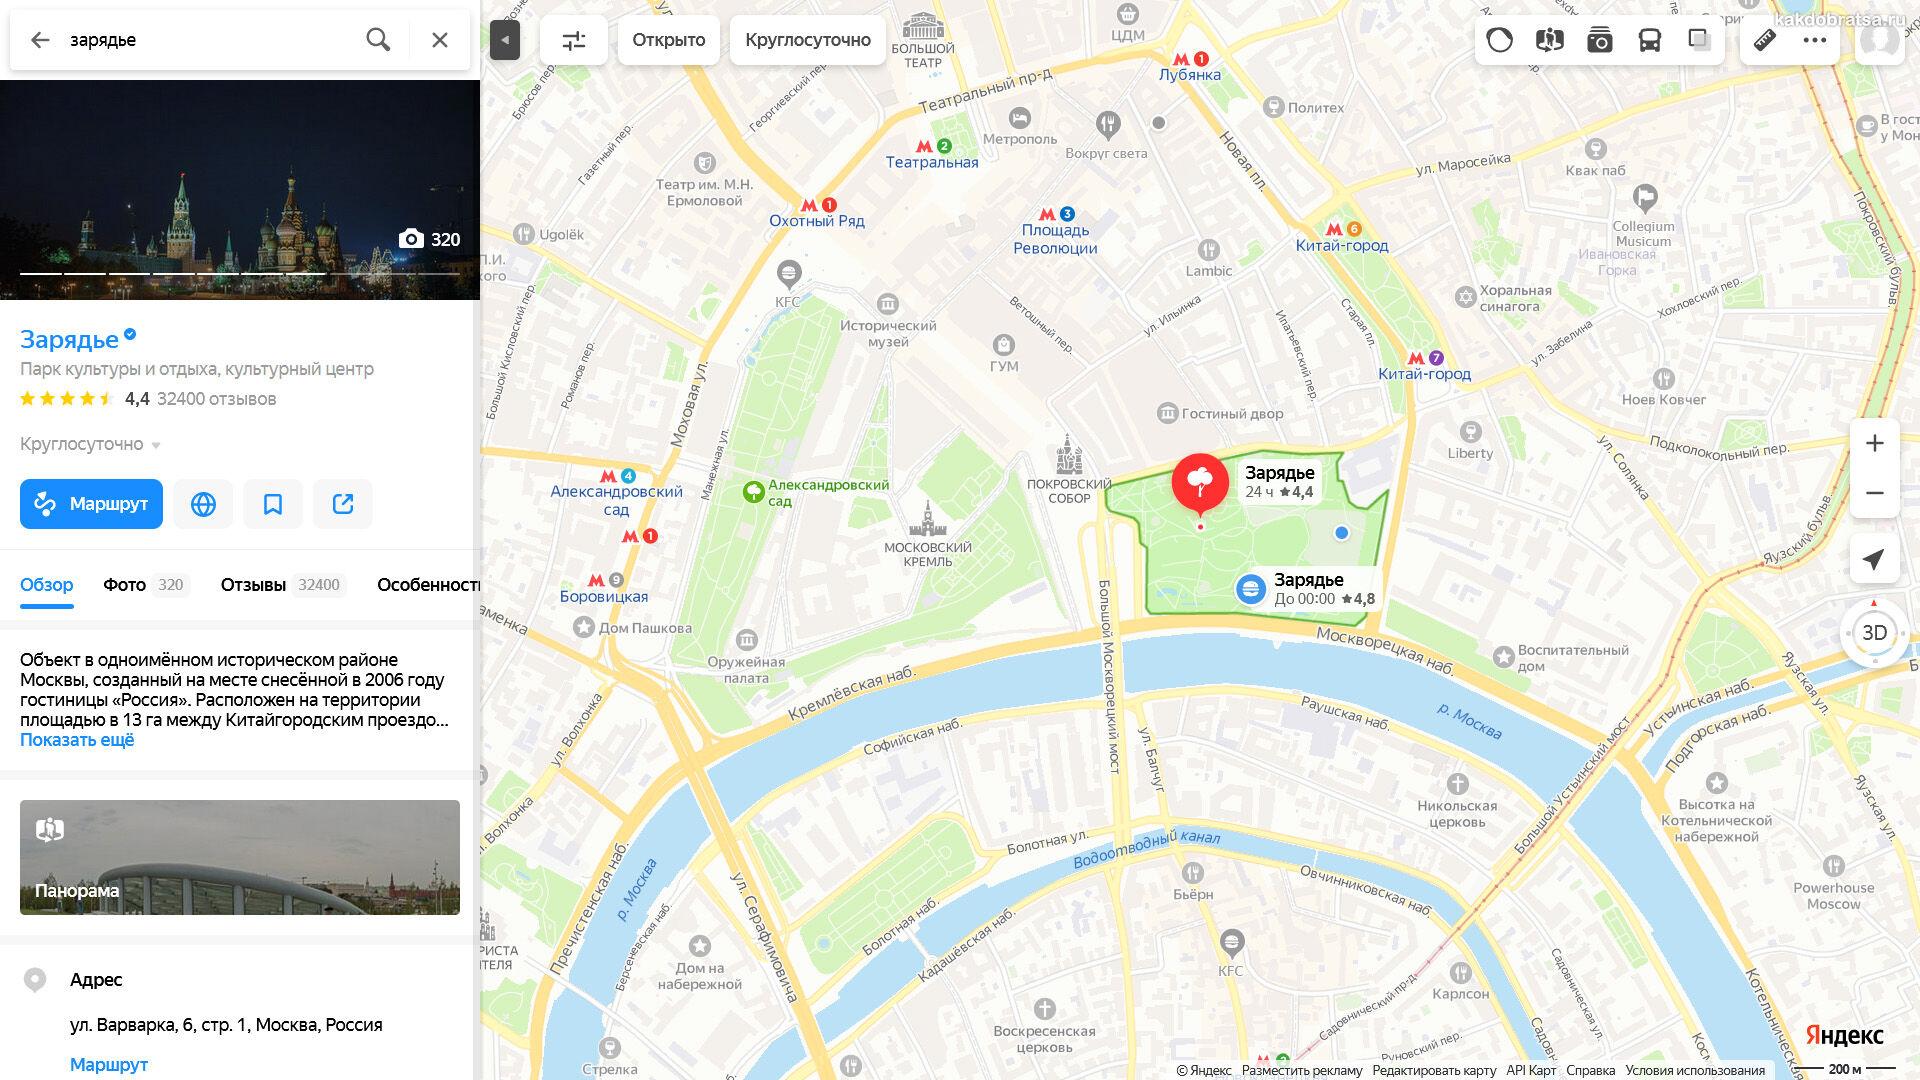 Парк Зарядье в Москве где находится и адрес